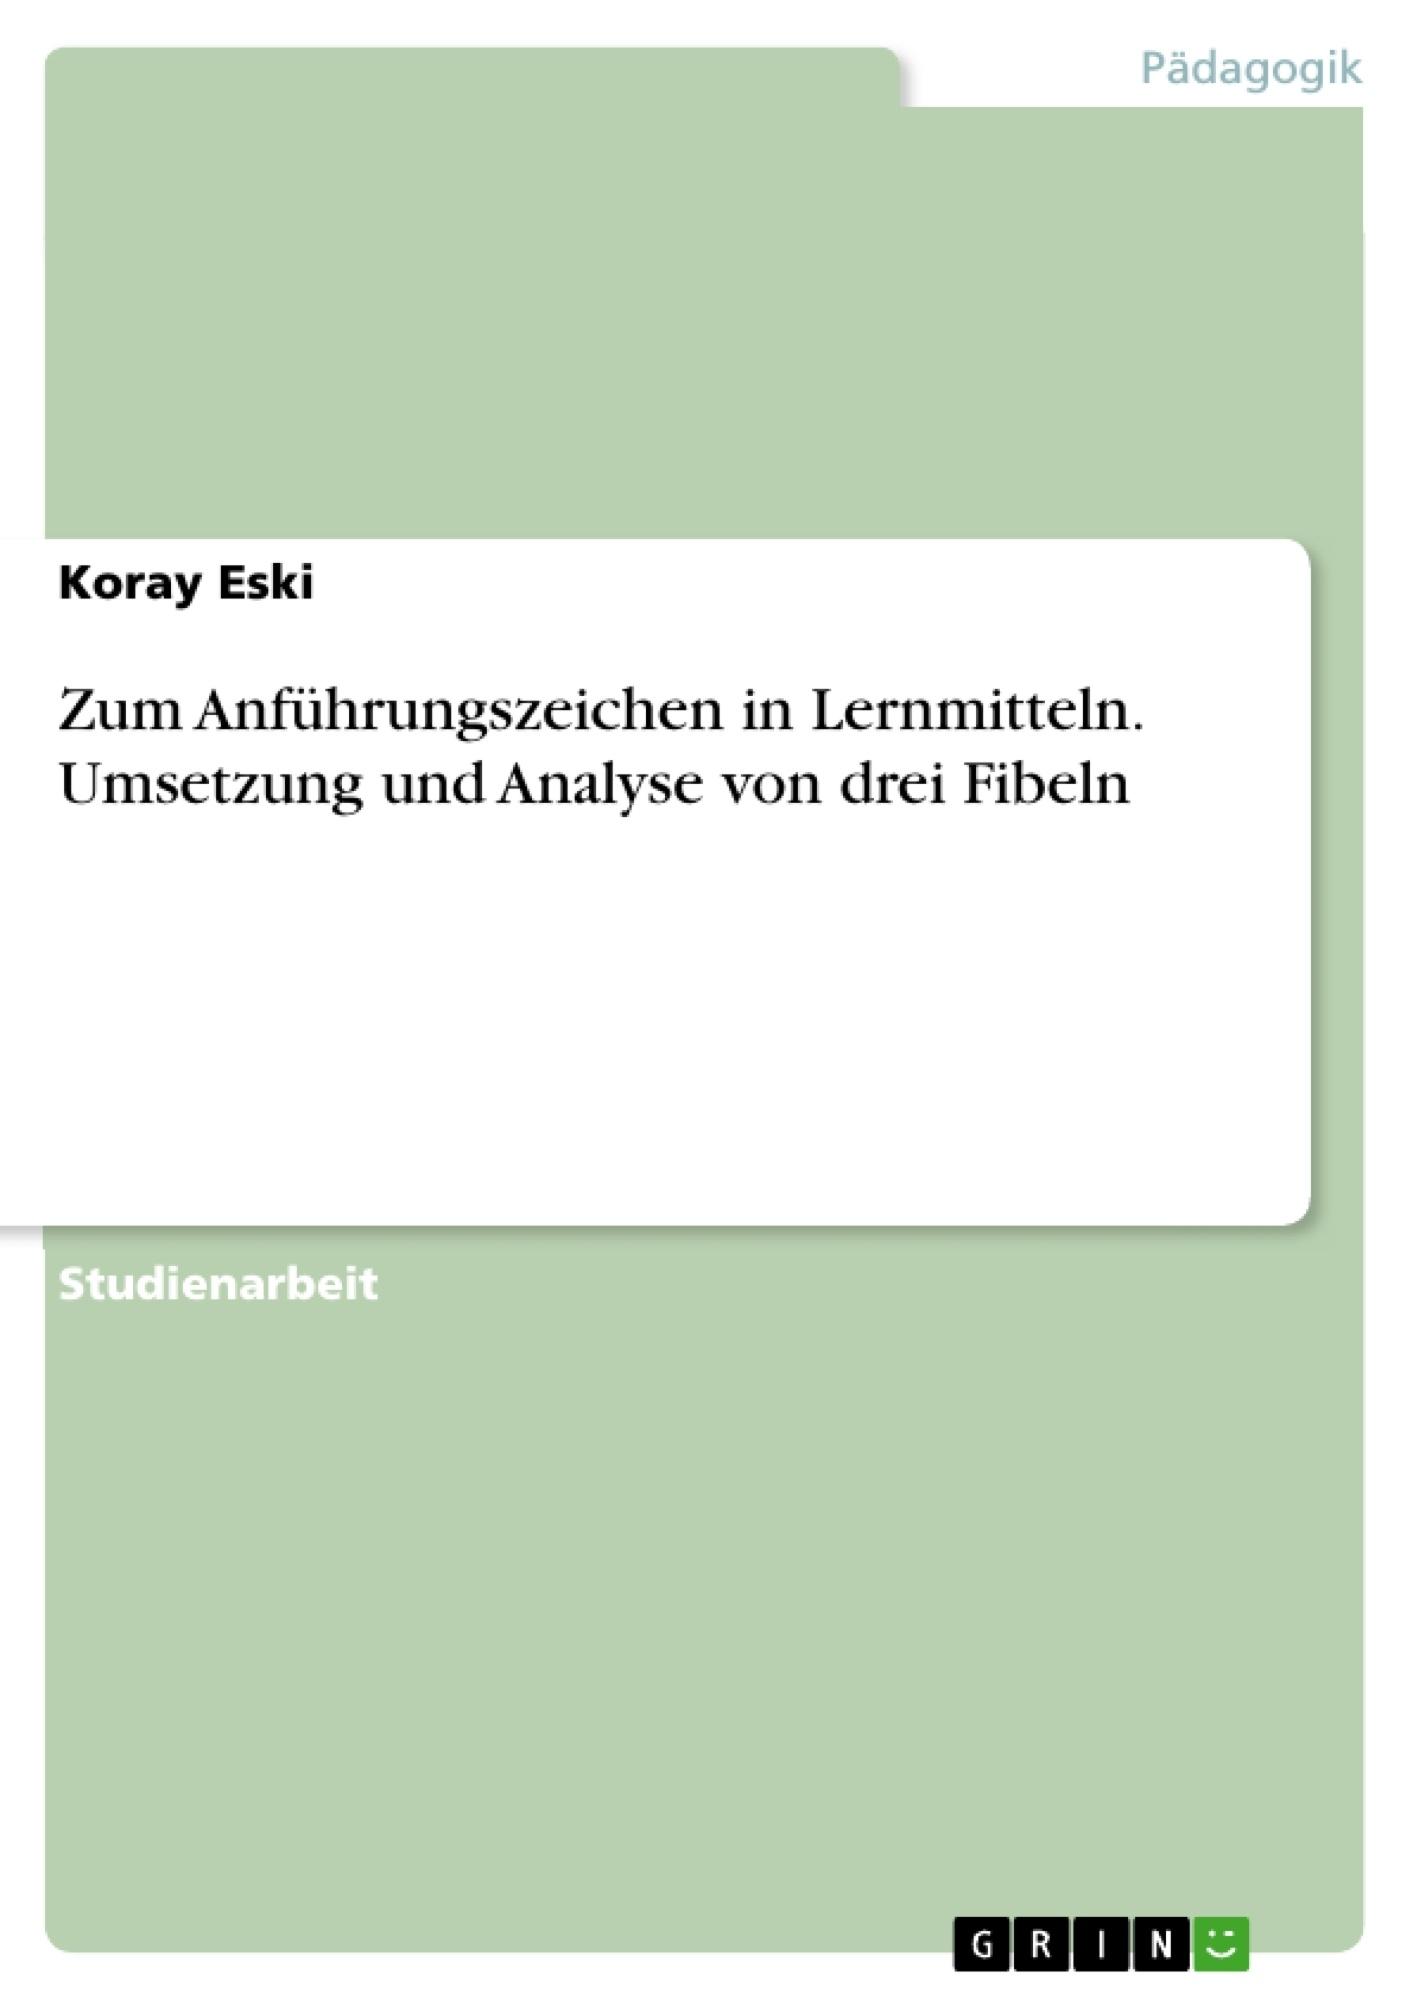 Titel: Zum Anführungszeichen in Lernmitteln. Umsetzung und Analyse von drei Fibeln